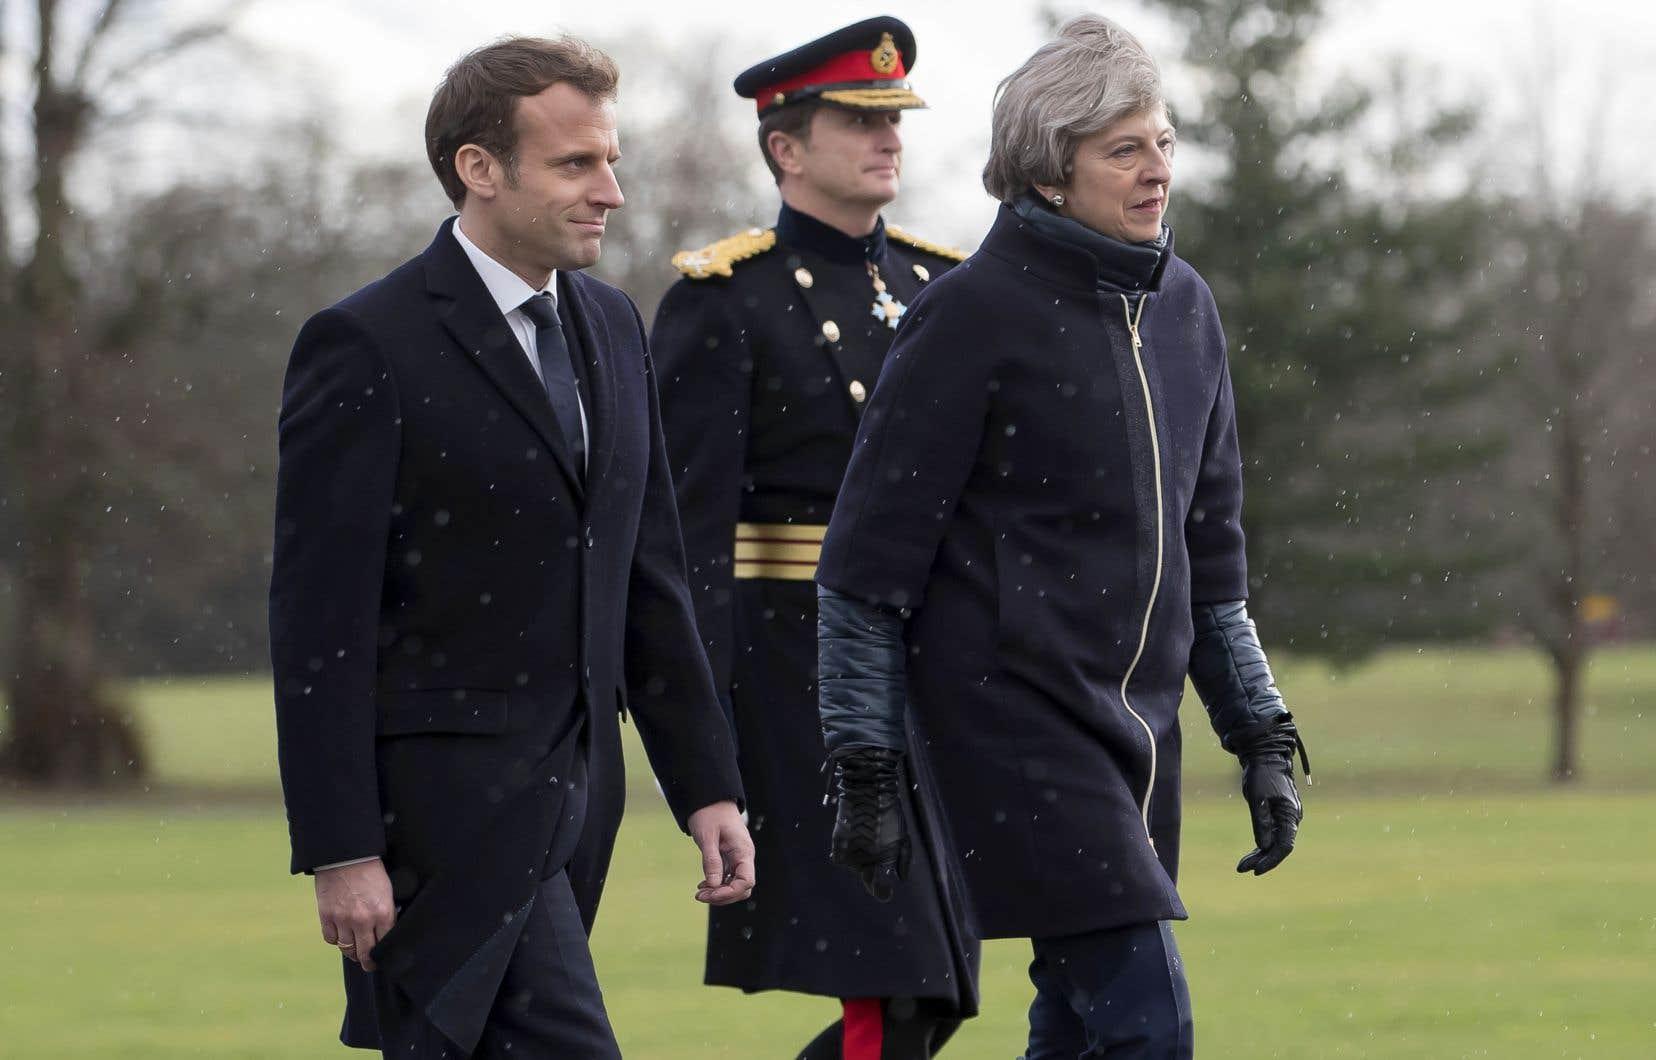 Le président français, Emmanuel Macron, aux côtés de la première ministre britannique, Theresa May, jeudi